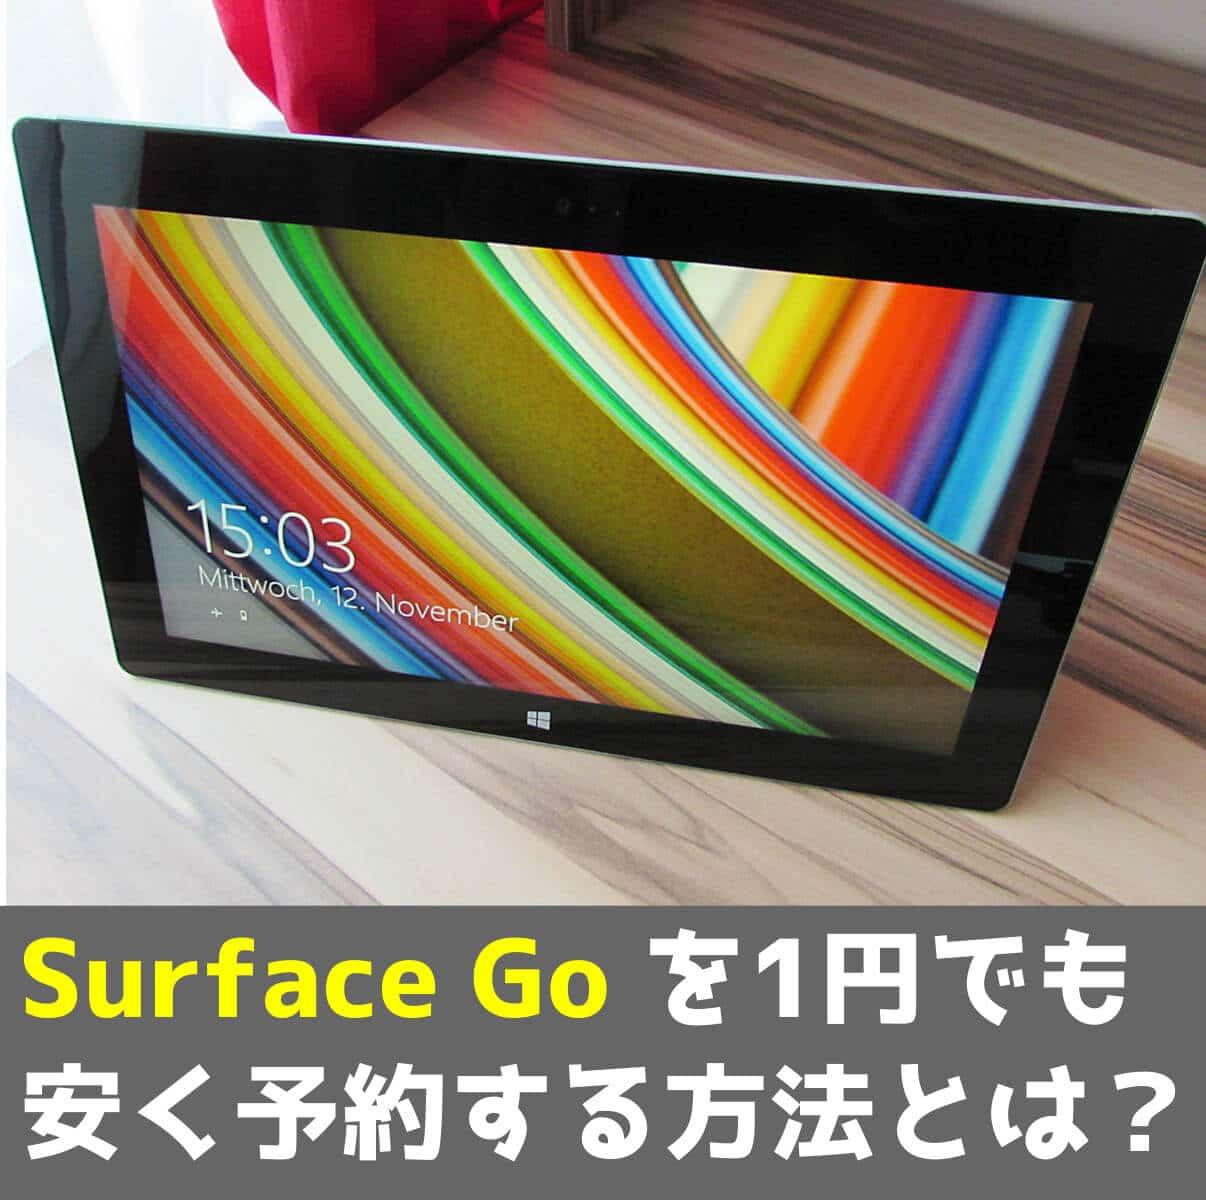 アイキャッチ:Surface Go を1円でも安く予約する方法とは?